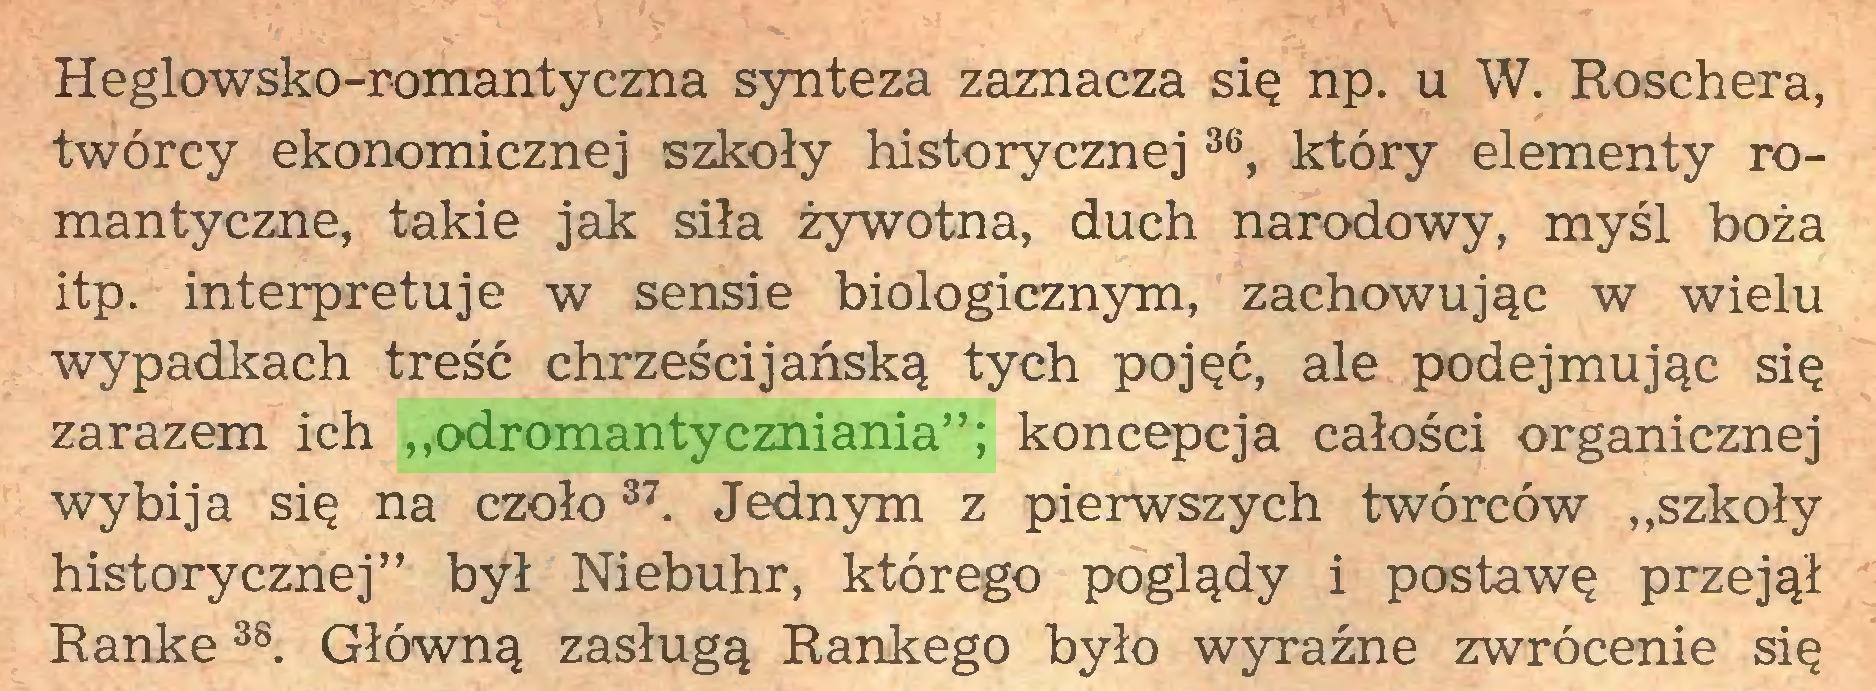 """(...) Heglowsko-romantyczna synteza zaznacza się np. u W. Roschera, twórcy ekonomicznej szkoły historycznej36, który elementy romantyczne, takie jak siła żywotna, duch narodowy, myśl boża itp. interpretuje w sensie biologicznym, zachowując w wielu wypadkach treść chrześcijańską tych pojęć, ale podejmując się zarazem ich """"odromantyczniania""""; koncepcja całości organicznej wybija się na czoło37. Jednym z pierwszych twórców """"szkoły historycznej"""" był Niebuhr, którego poglądy i postawę przejął Rankę3S. Główną zasługą Rankego było wyraźne zwrócenie się..."""